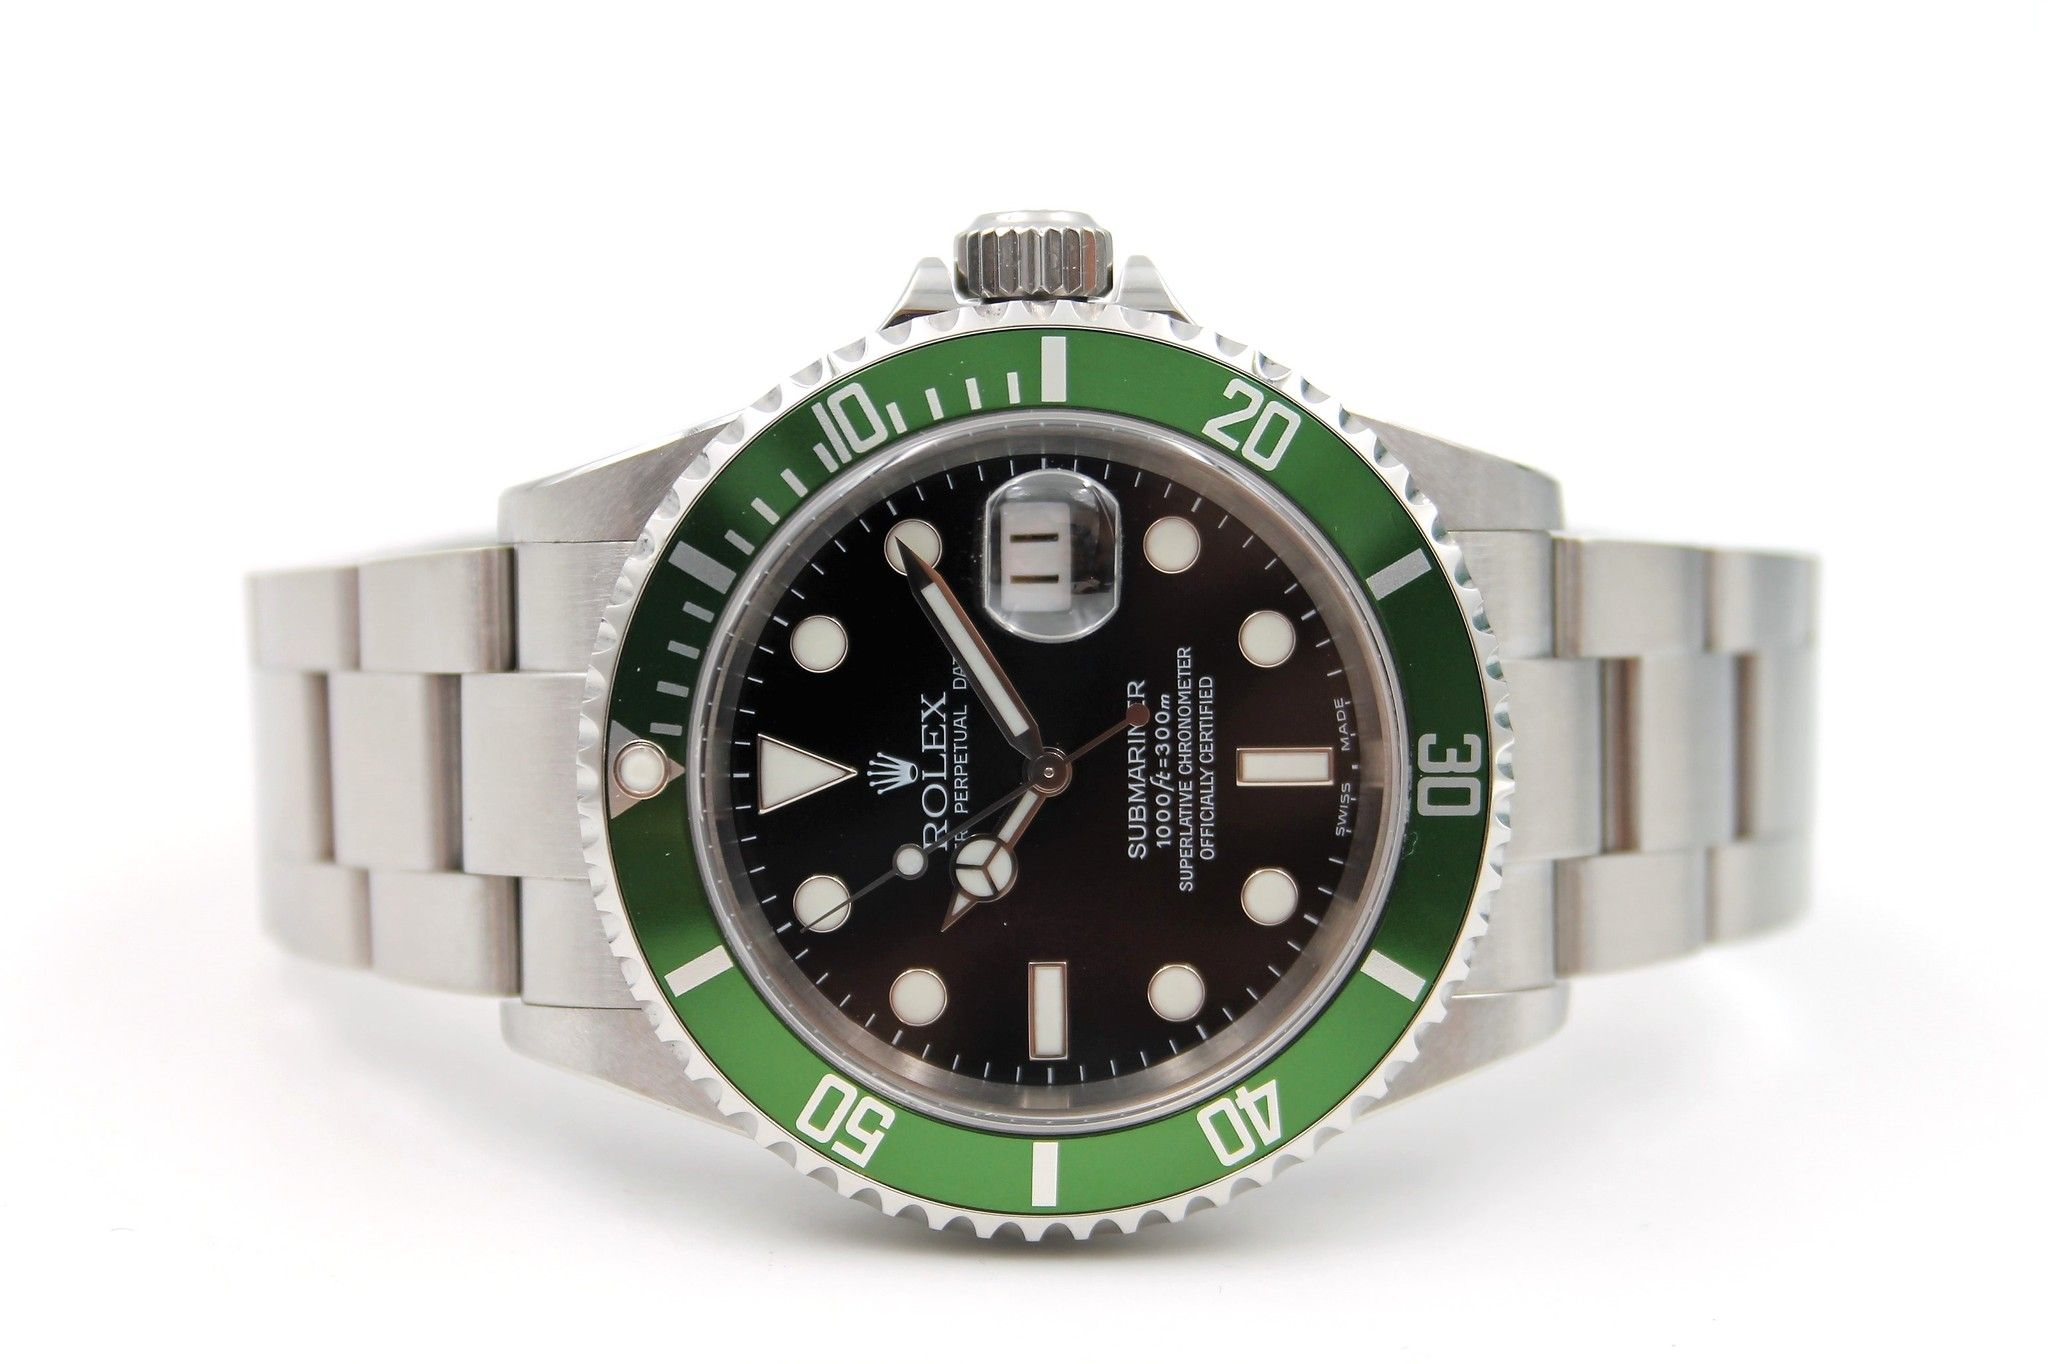 Rolex Submariner Date 16610LV Mark I 2004